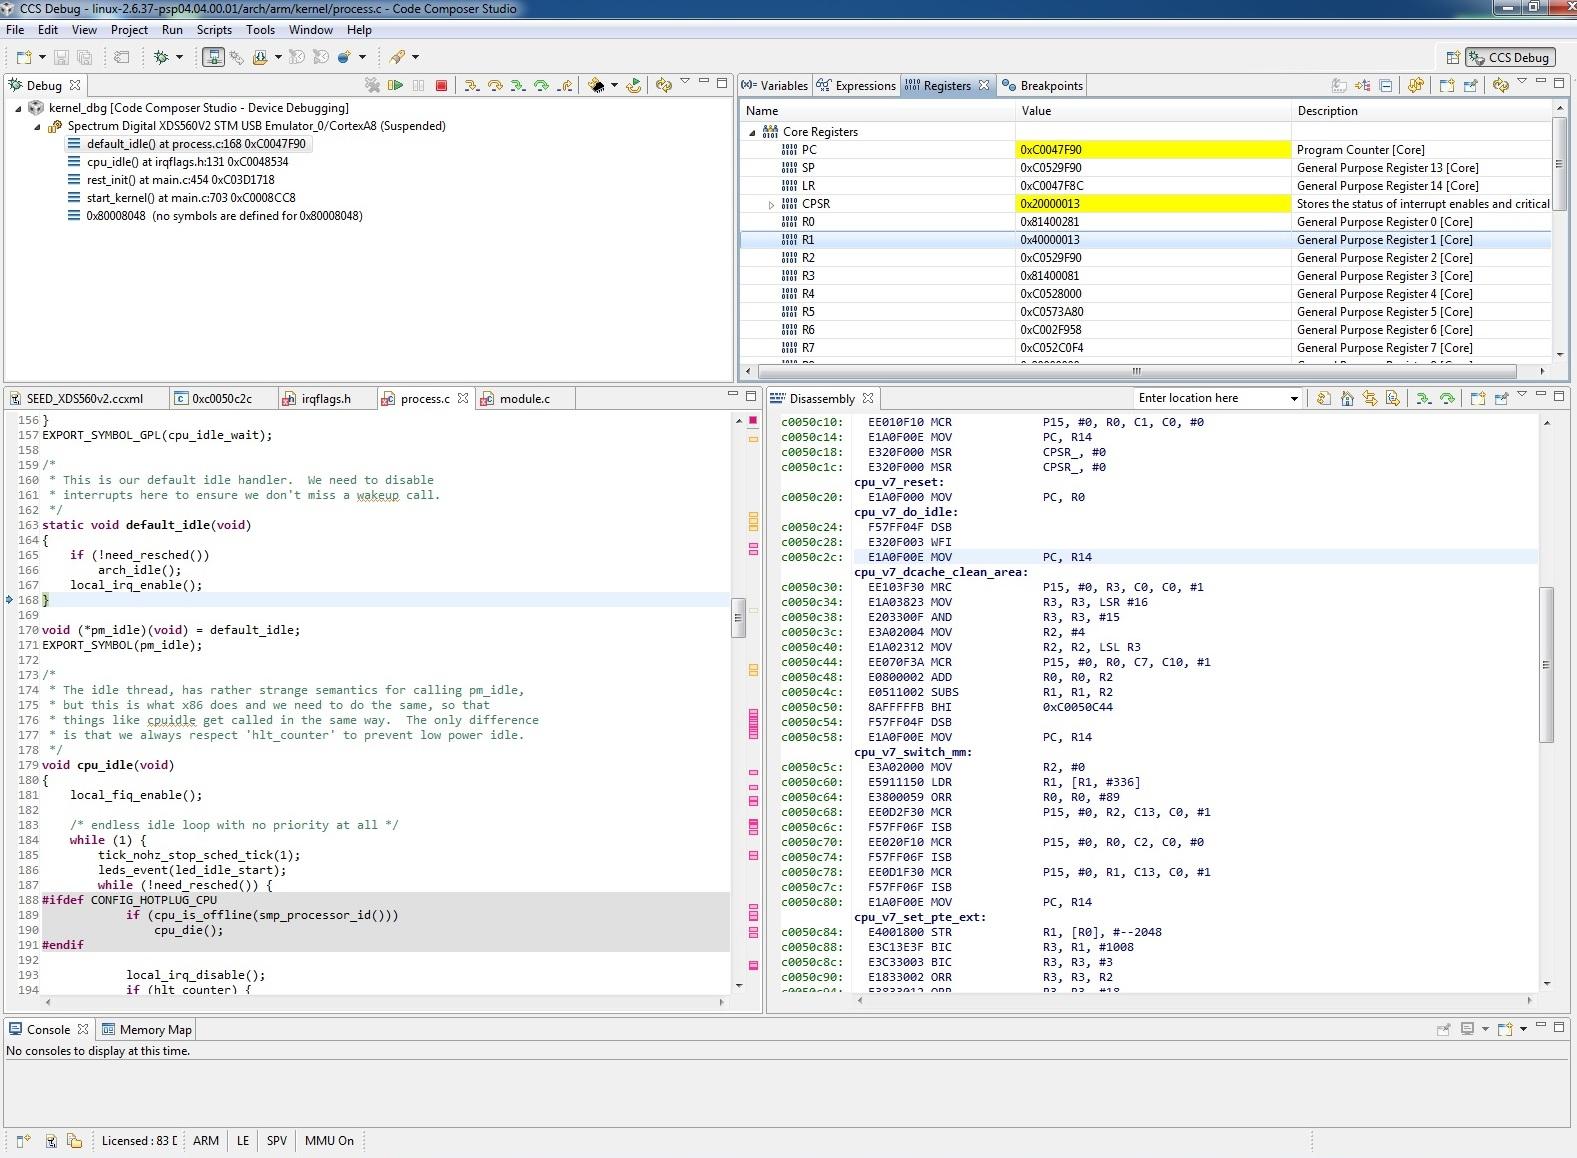 How To Debug Loadable Module Ko Via Jtag Code Composer Studio Forum Code Composer Studio Ti E2e Support Forums